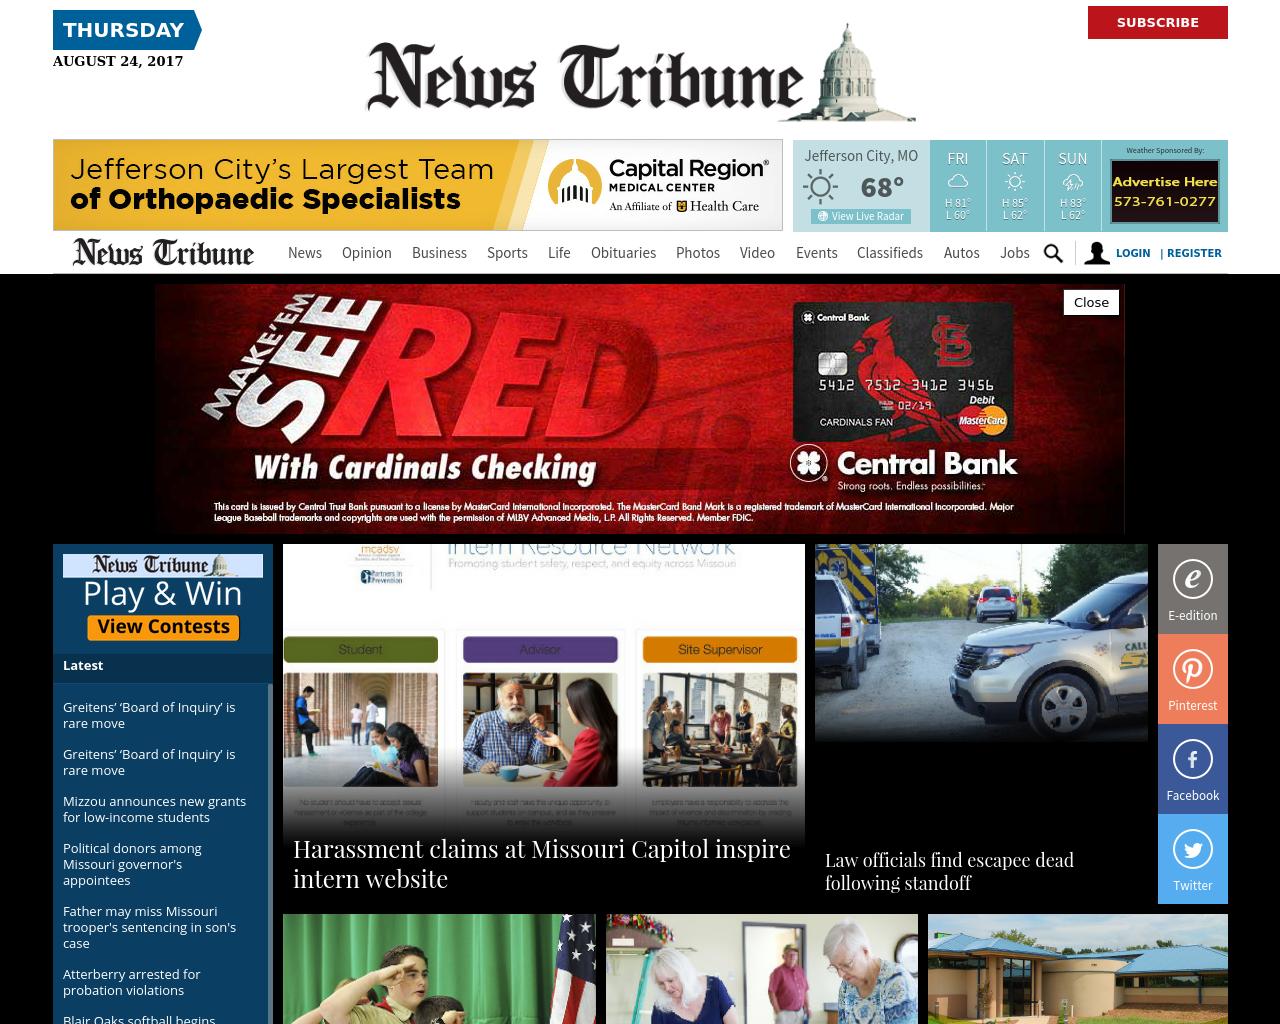 Newstribune-Advertising-Reviews-Pricing